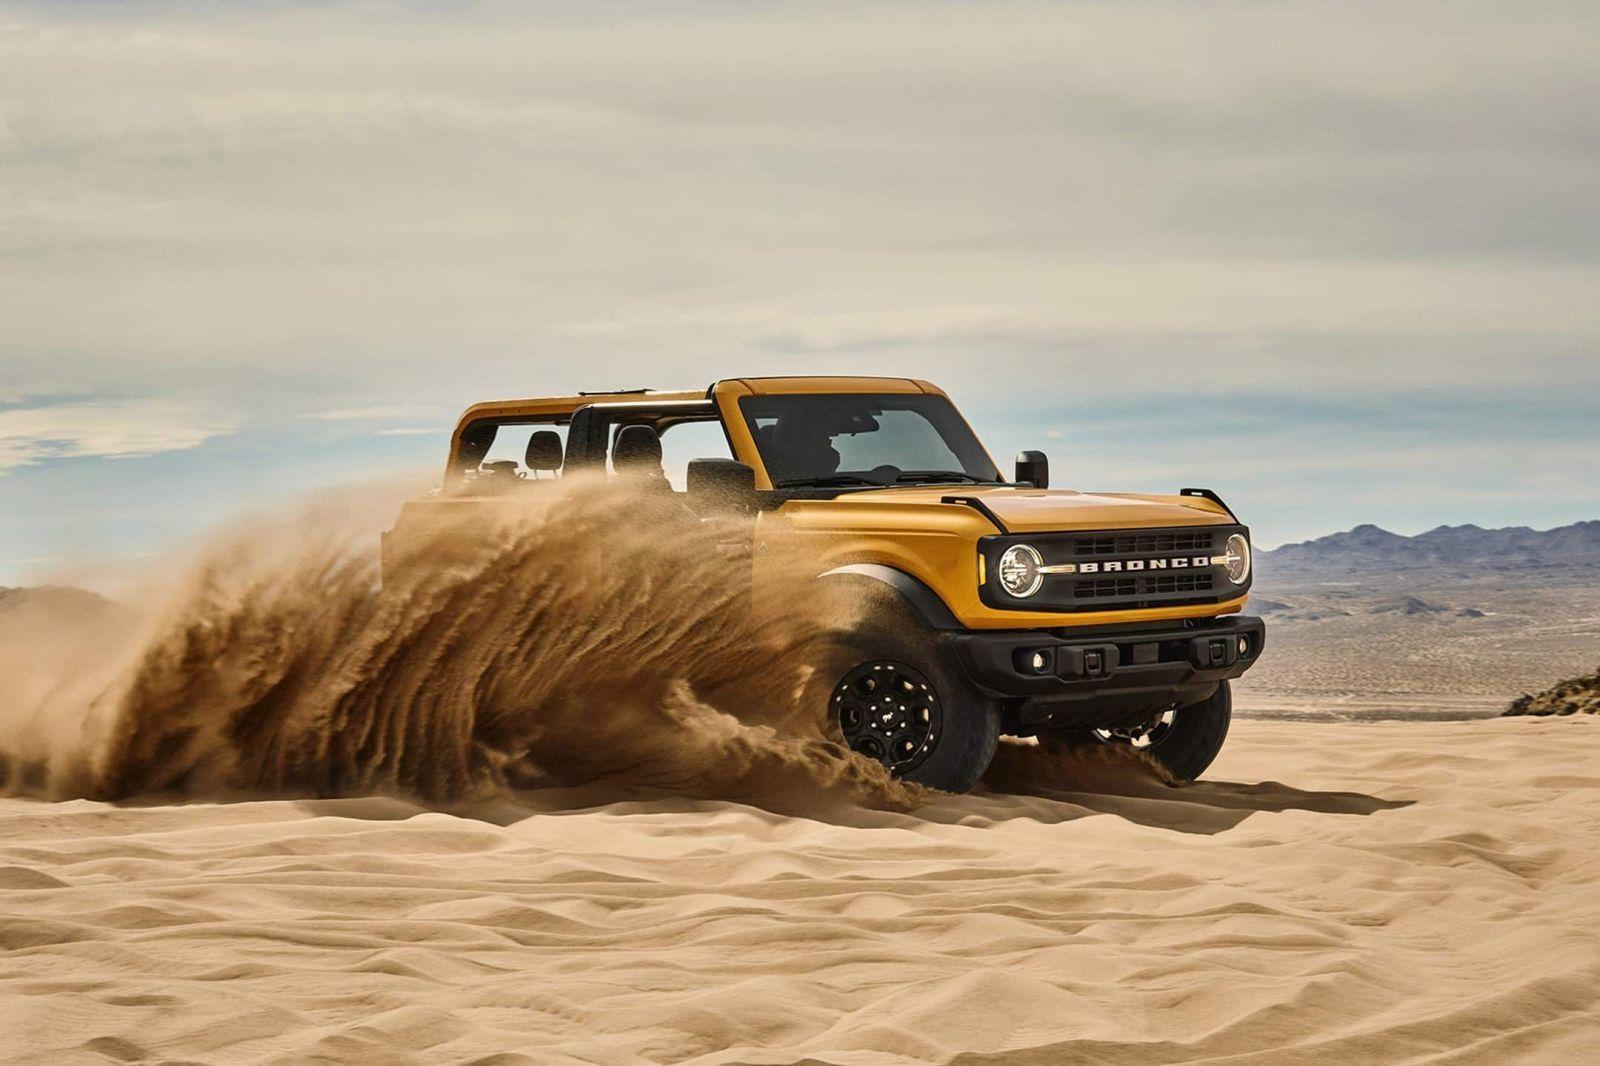 Znovuzrodené Bronco je obrovský hit. Ford už hlási vyše 230-tisíc záväzných rezervácii